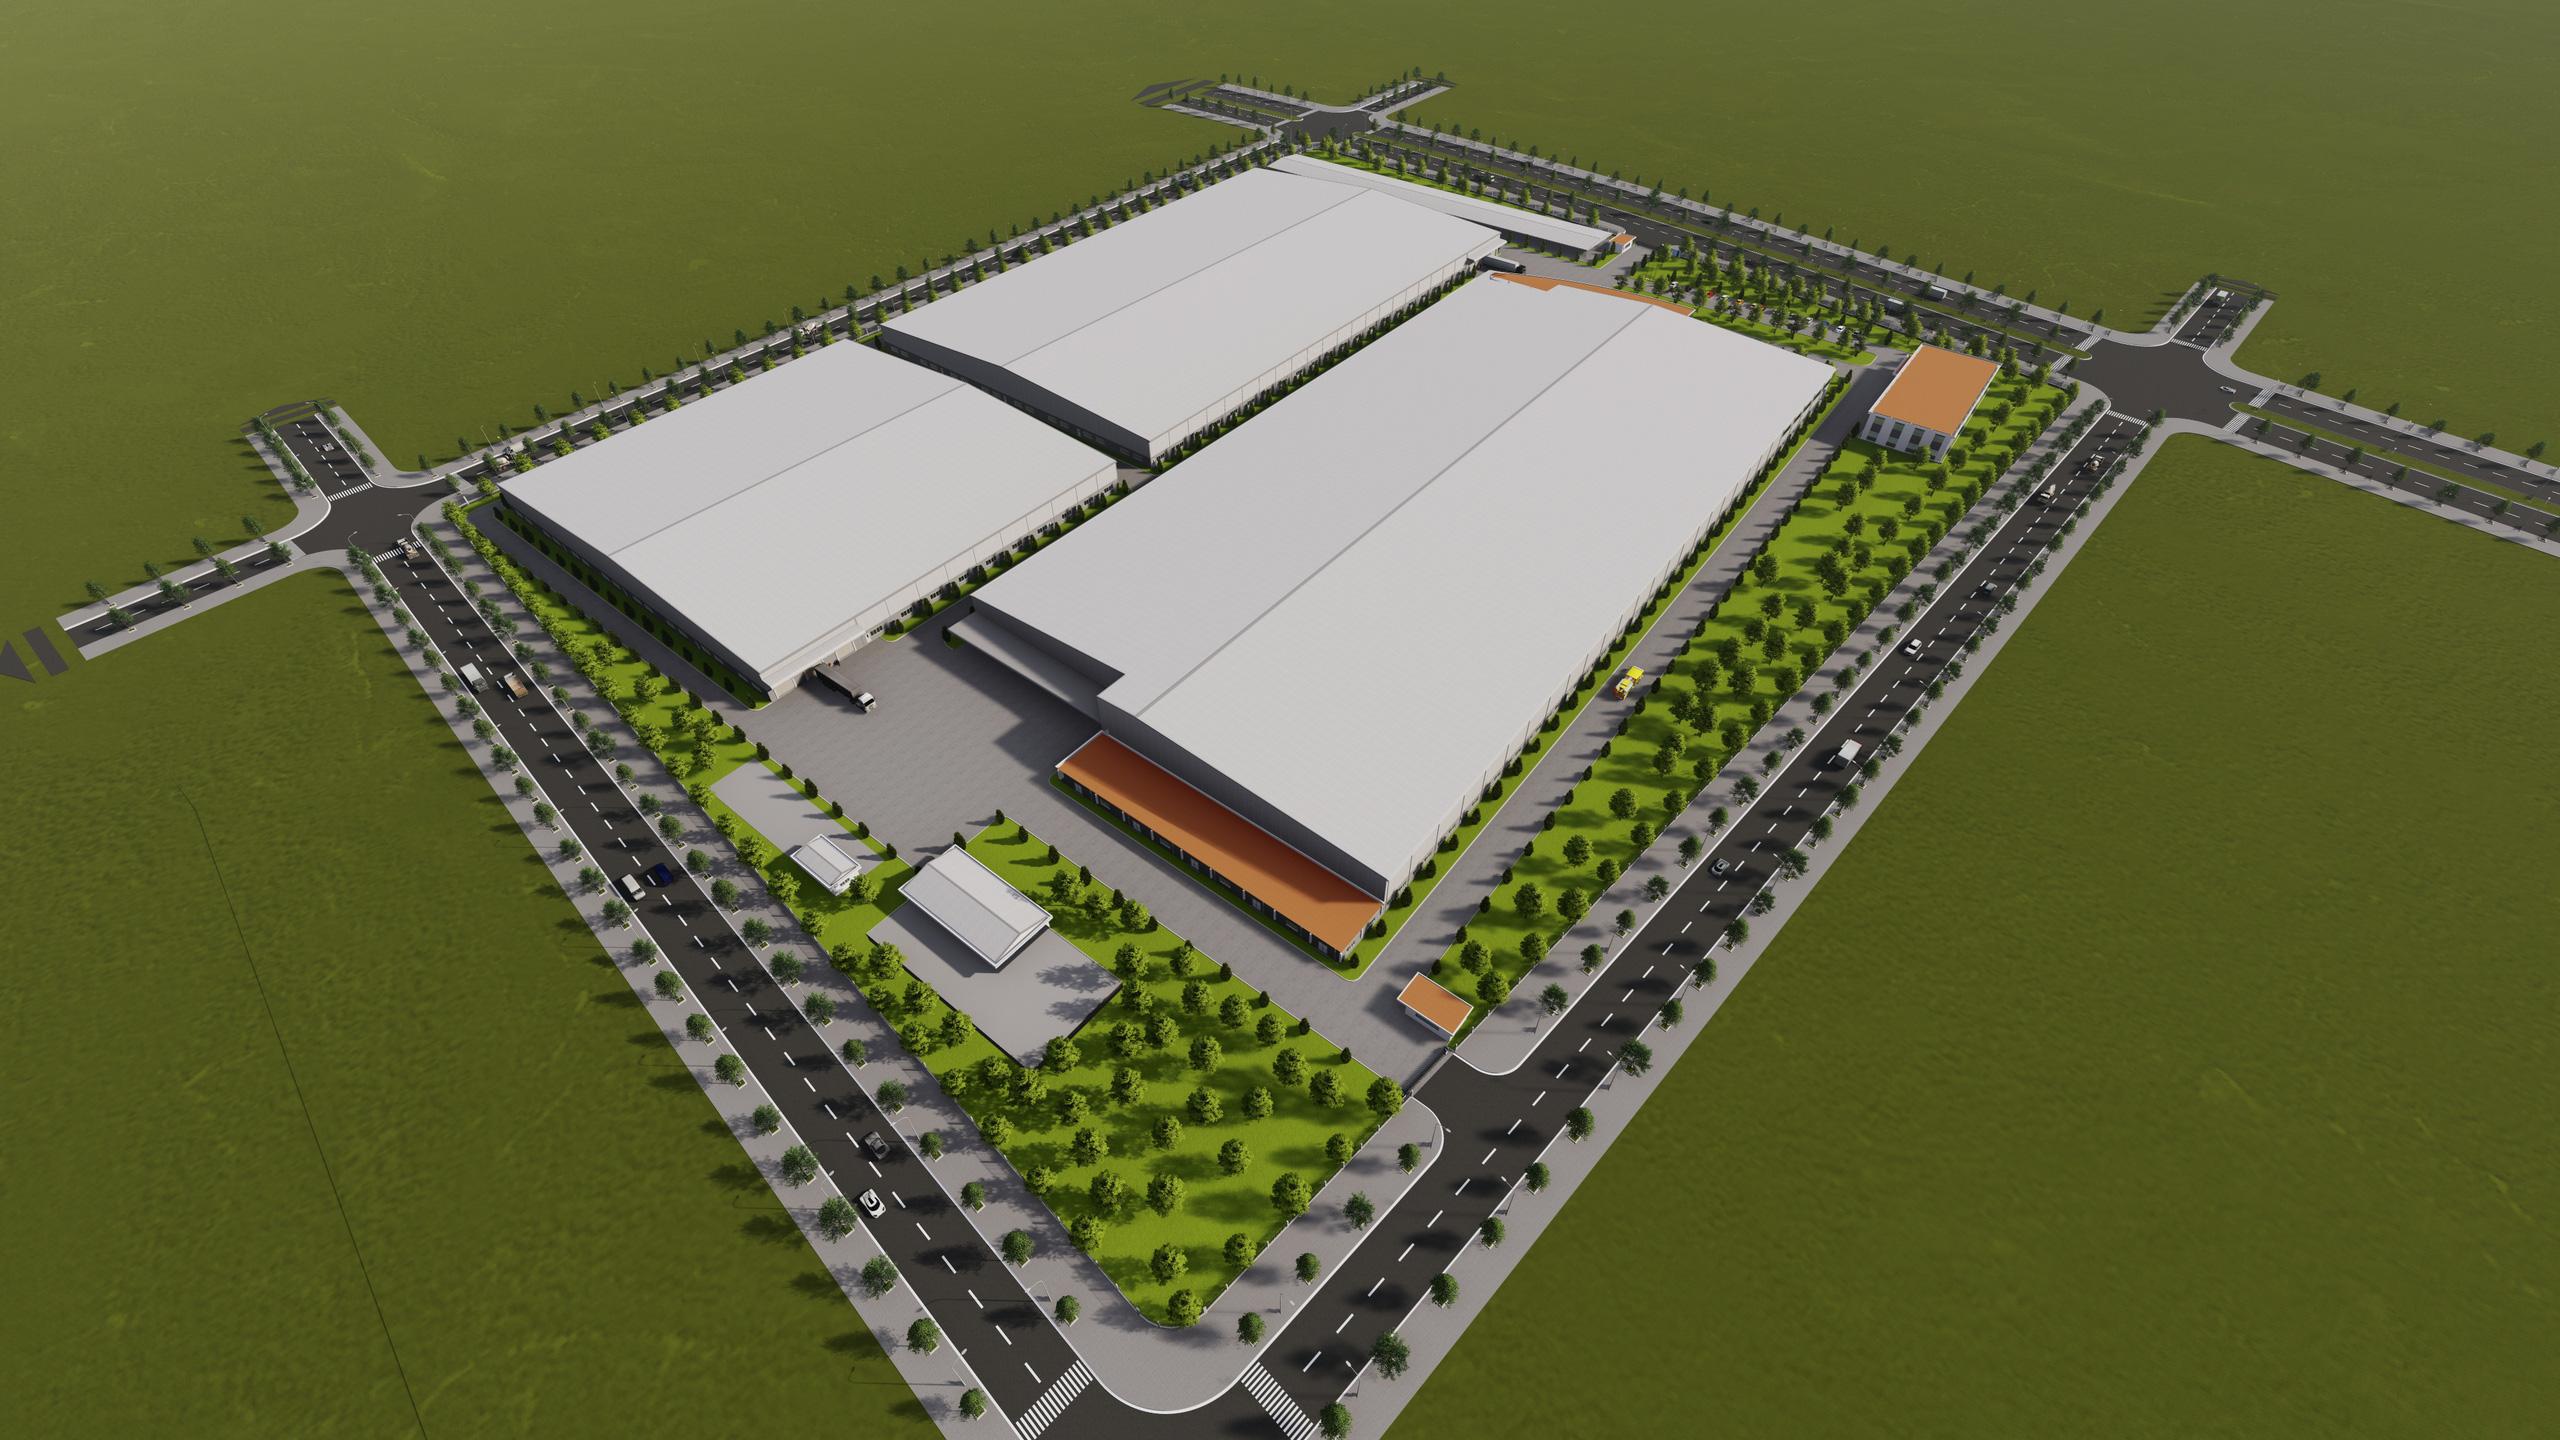 Hai người Mỹ đăng ký đầu tư 110 triệu USD làm Nhà máy sản xuất vật liệu bán dẫn ở Đà Nẵng - Ảnh 1.